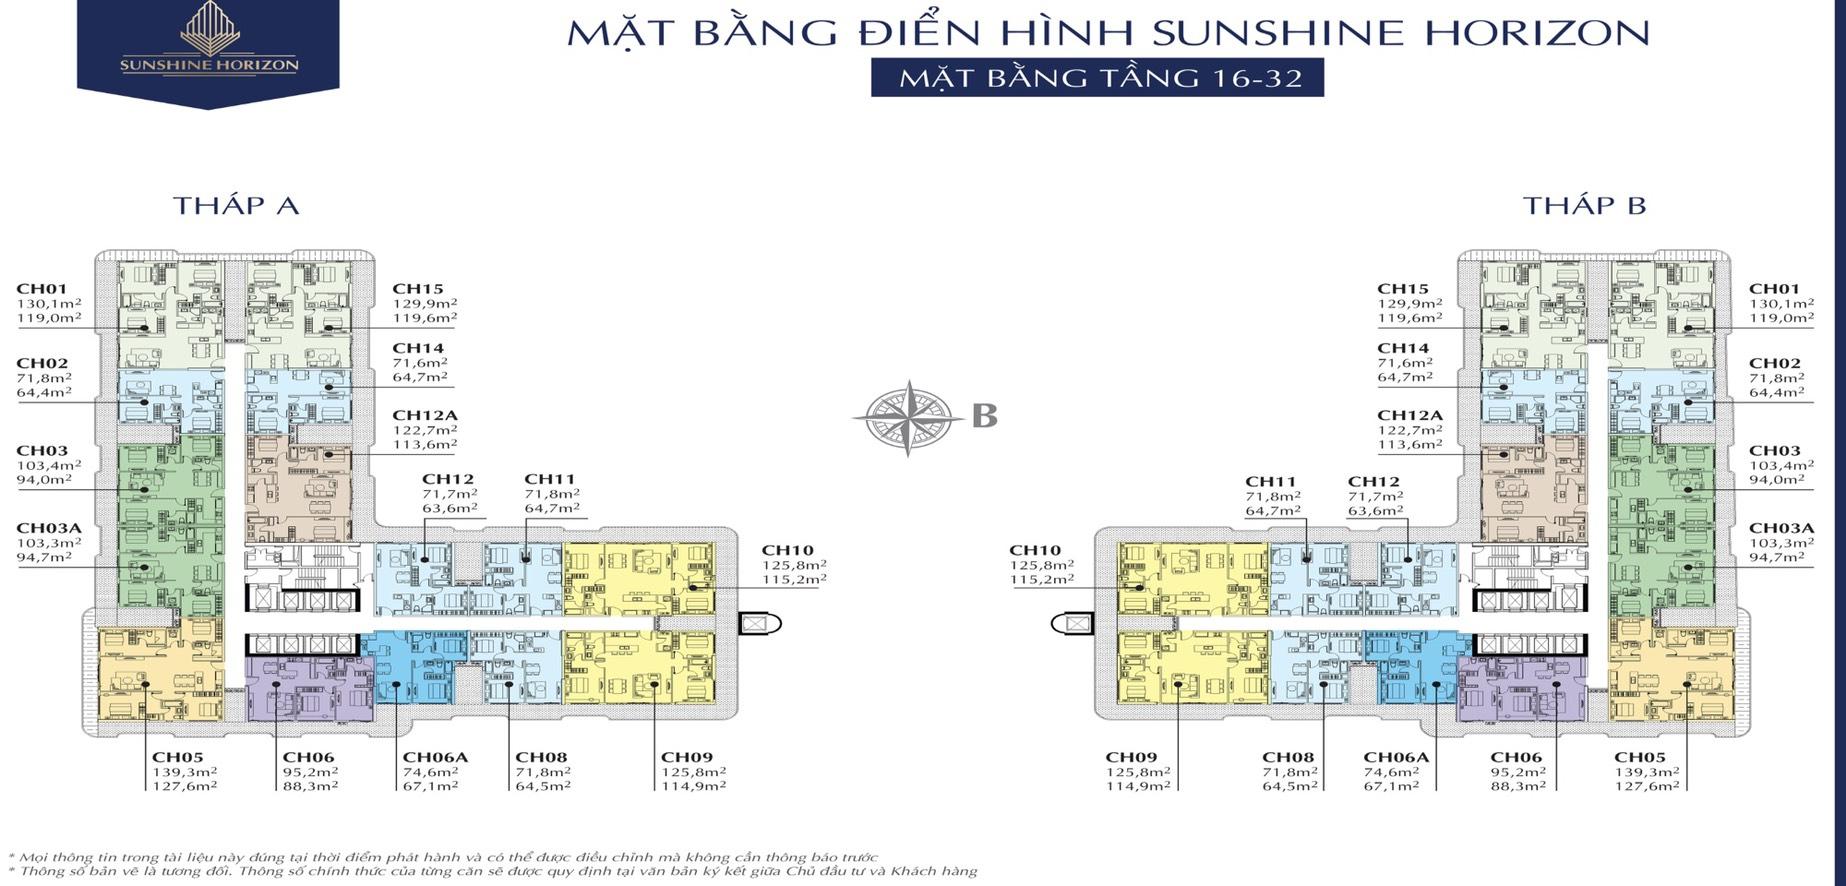 Mặt bằng điển hình Sunshine Horizon Quận 4